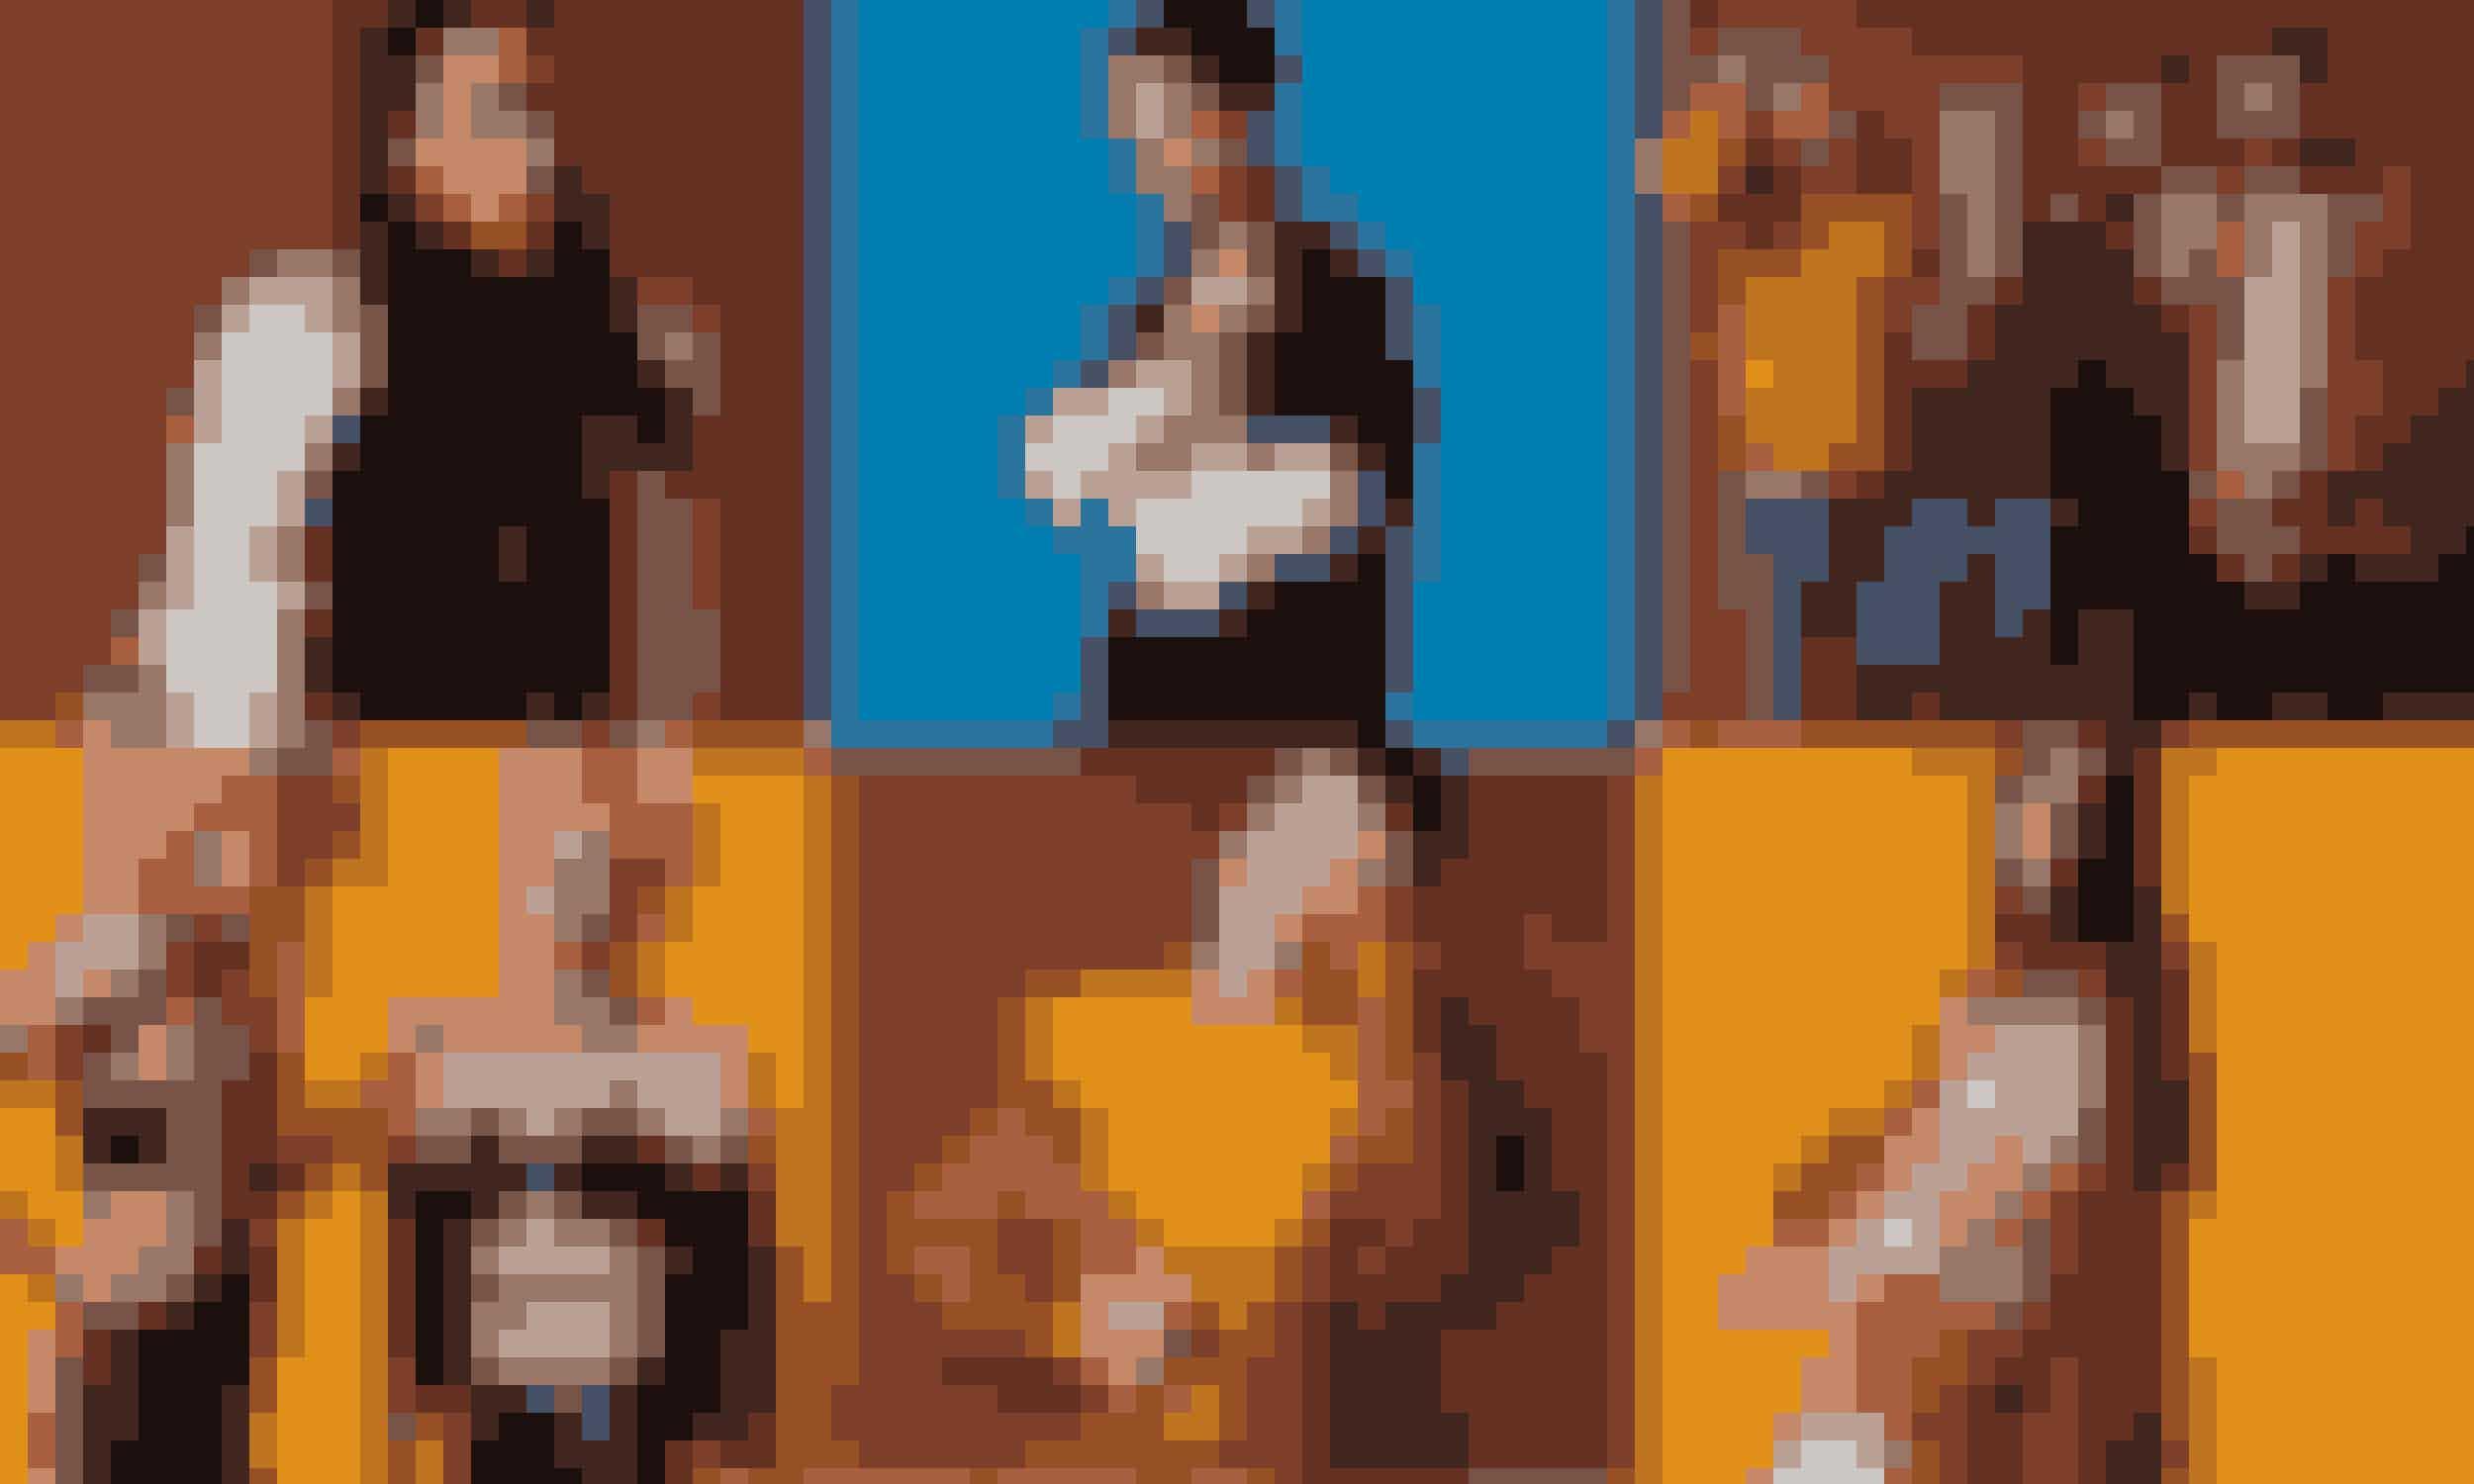 Mød Vegas udvalgte 2018Traditionen tro kan du i januar opleve præsentationen af Vegas Udvalgte, når Vega slår dørene op til en aften, der handler om, hvem der kommer til at præge den danske musikbranche i 2018. De har allerede afsløret de seks musikalske talenter: Drew, Jada, Molina, Vera, Fugleflugten og Tan – et udvalg, som de mener favner bredt og vidner om den høje kvalitet, der findes på den danske musikscene.Læs mereher.Pris:165 kr. pr. billetHvor:Vega – Musikkens Hus, Enghavevej 40, 1674 København V.Hvornår:fredag d. 26. januar kl. 20.30